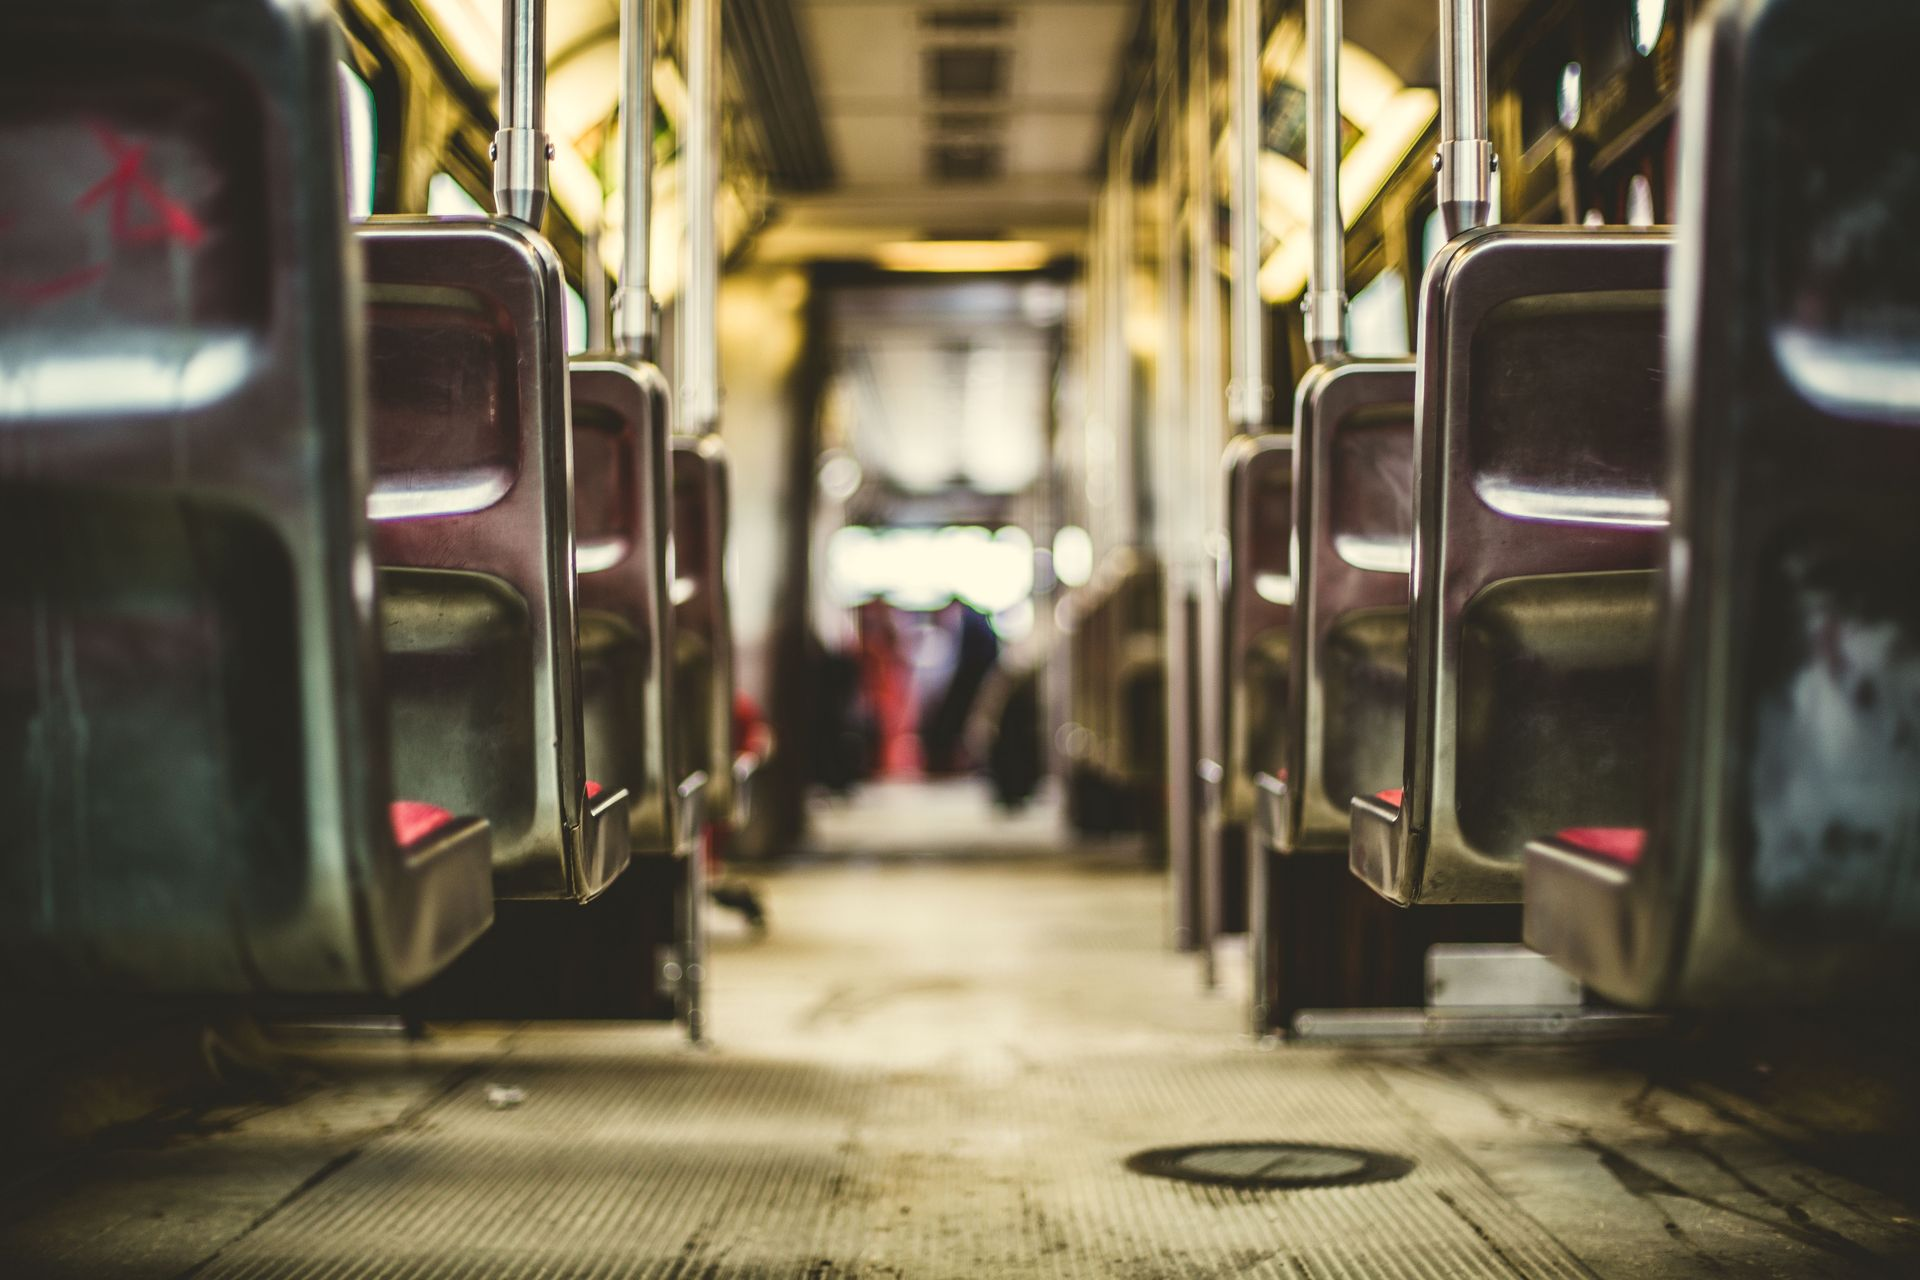 В Україні запустять єдиний квиток на різні види транспорту